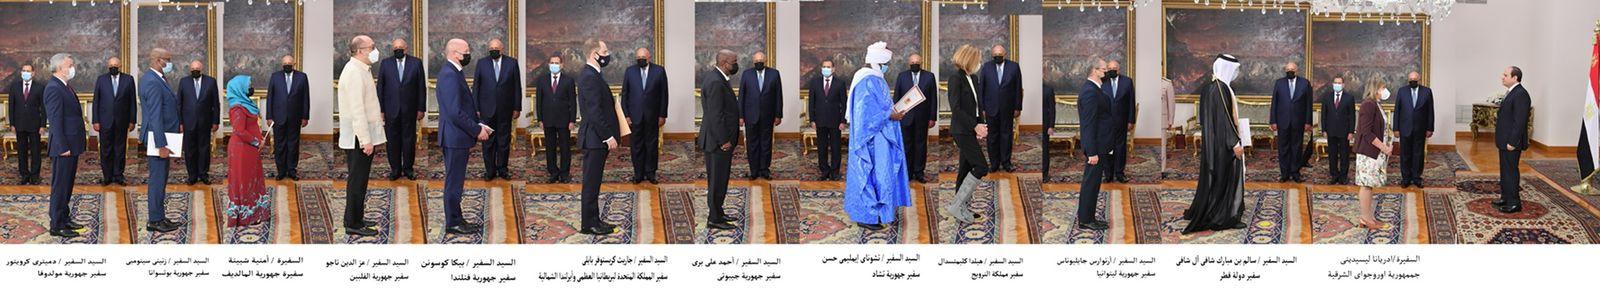 الرئيس السيسي يتسلم أوراق اعتماد أربعة وعشرين سفيرًا جديداً (1)